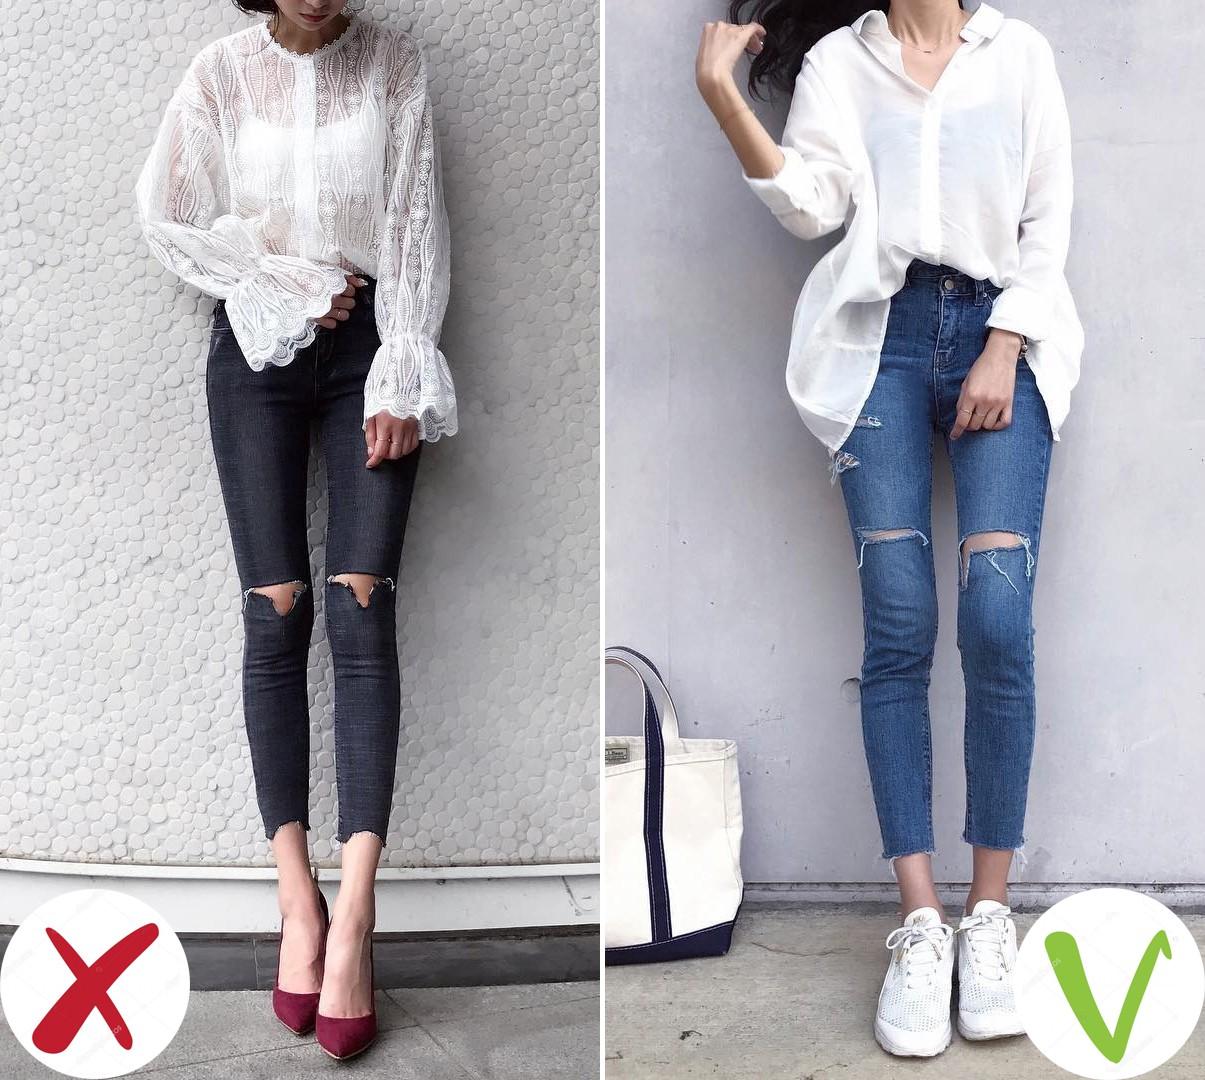 5 loại trang phục nên và không nên mặc tới công sở mà chị em nào cũng nên biết - Ảnh 1